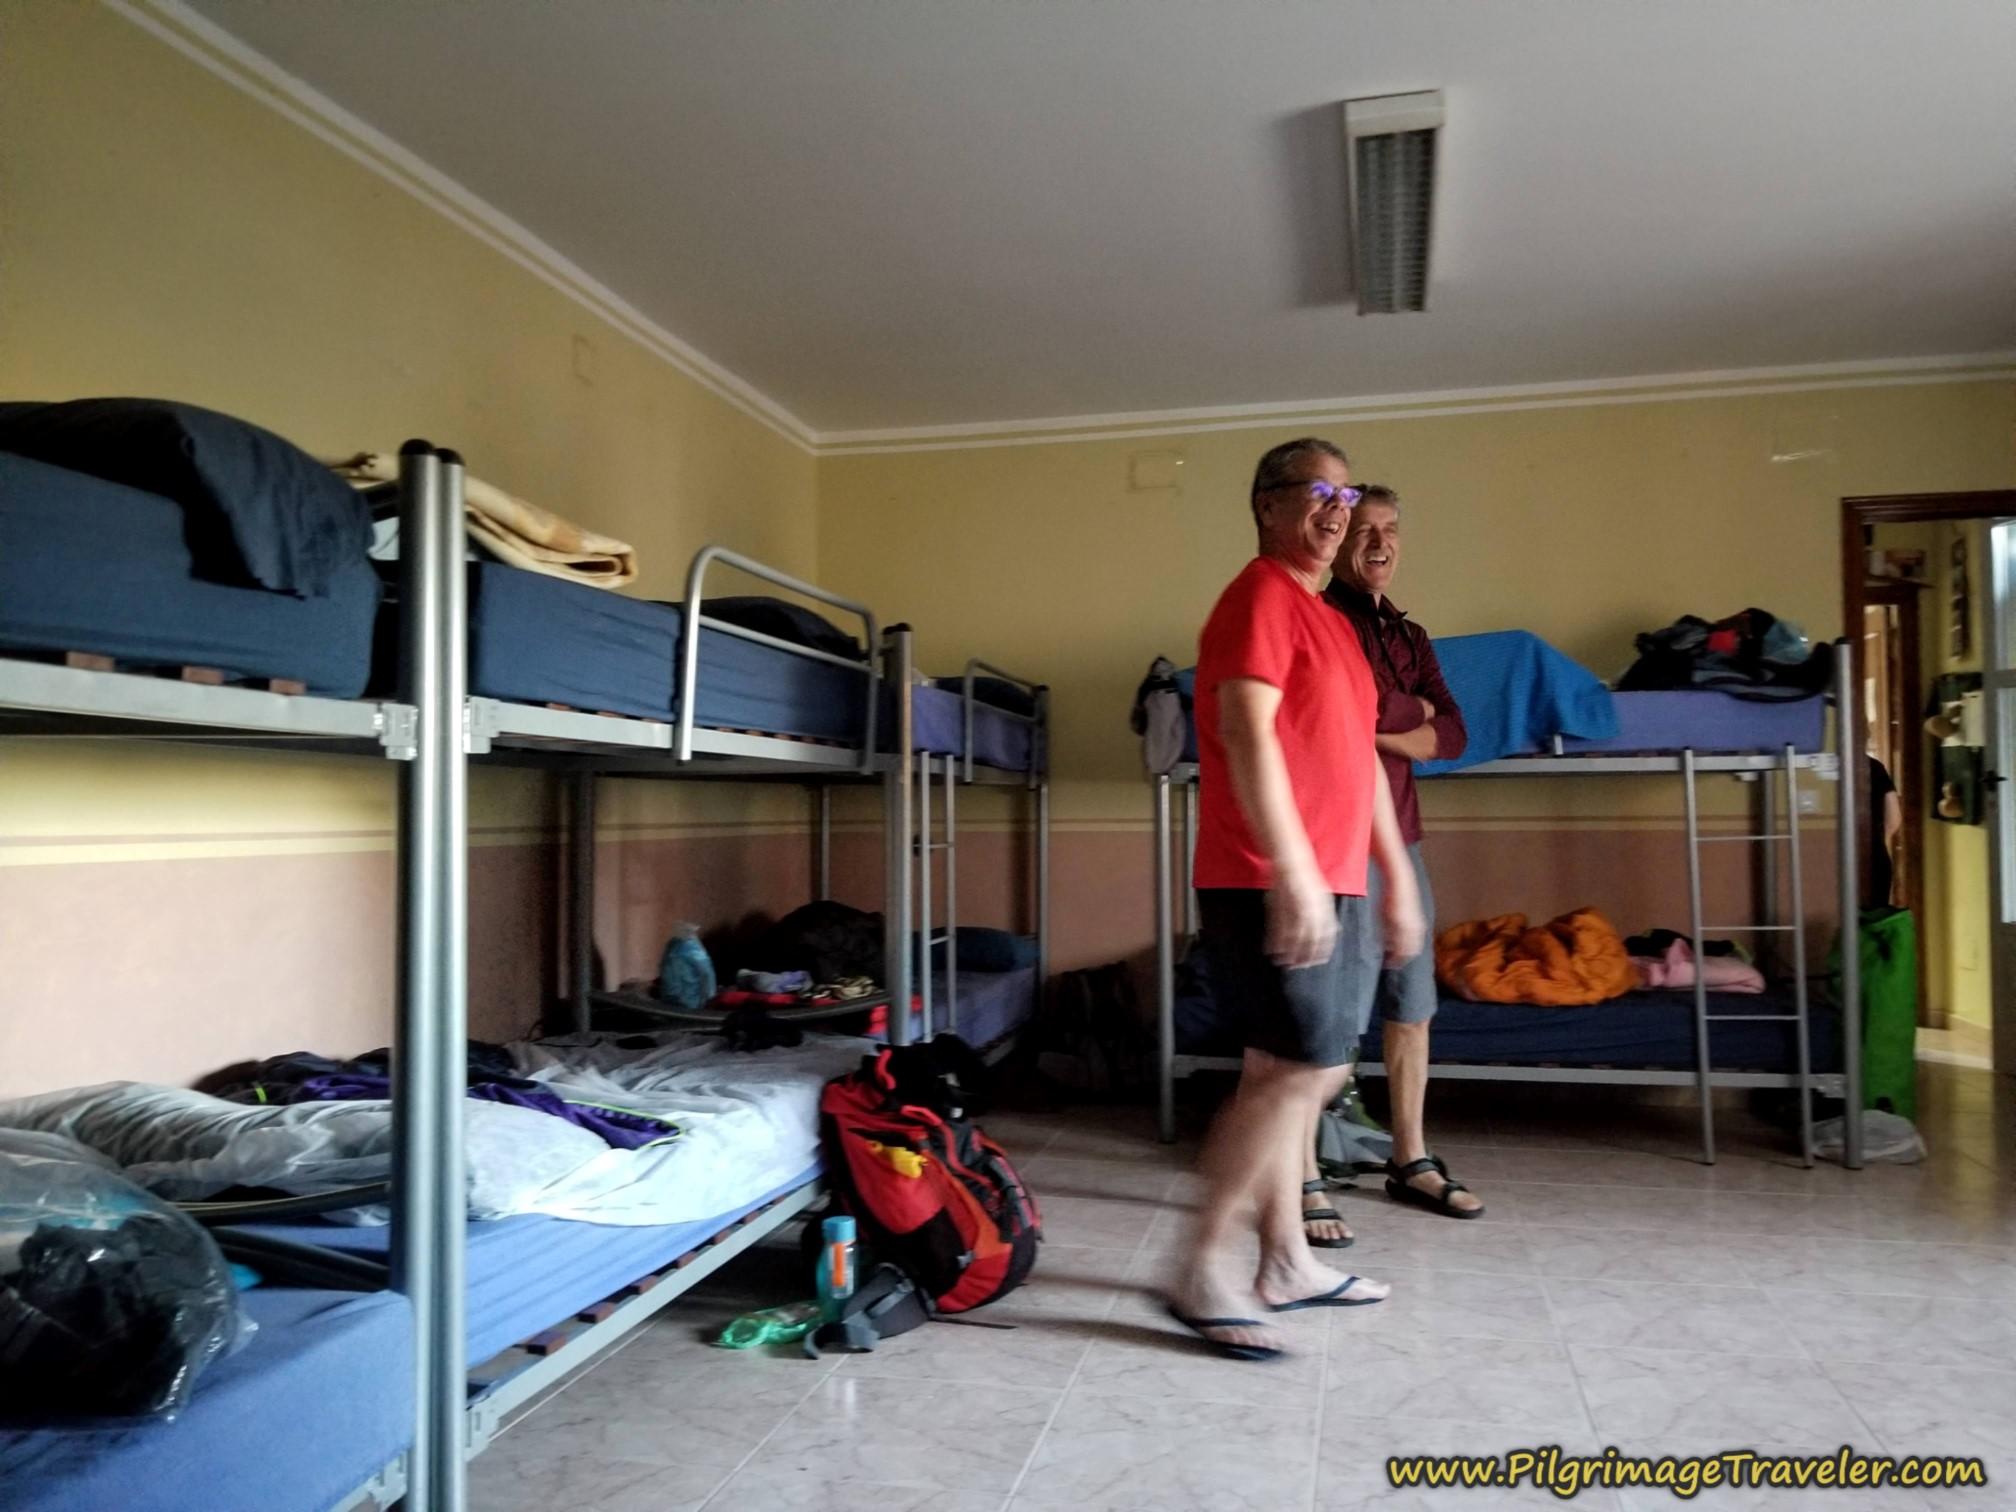 Dormitory of the Albergue de Peregrinos de Tábara